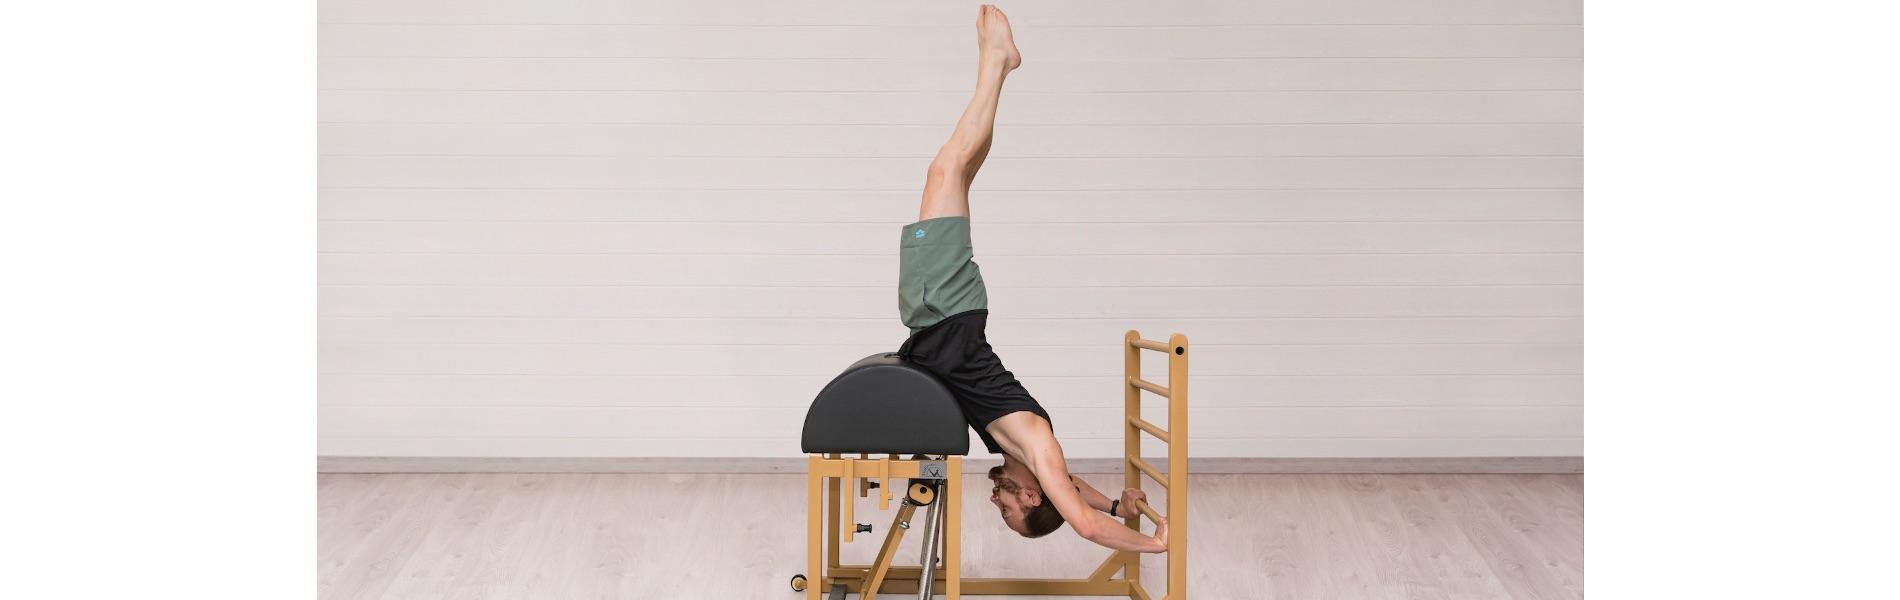 Entrenamiento de Pilates en Barril